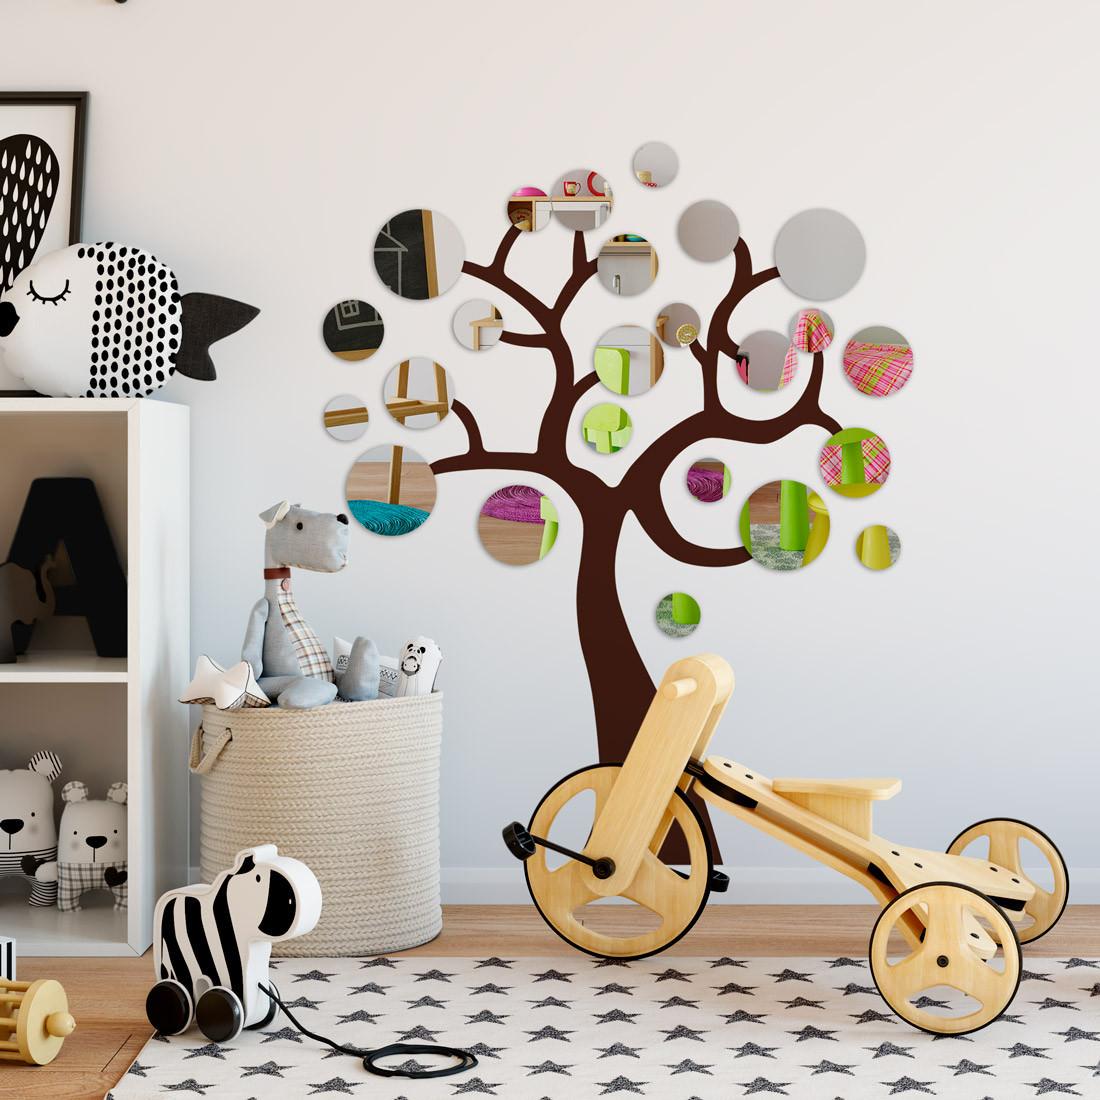 Adesivo de Parede Infantil Árvore de Bolas Espelhadas